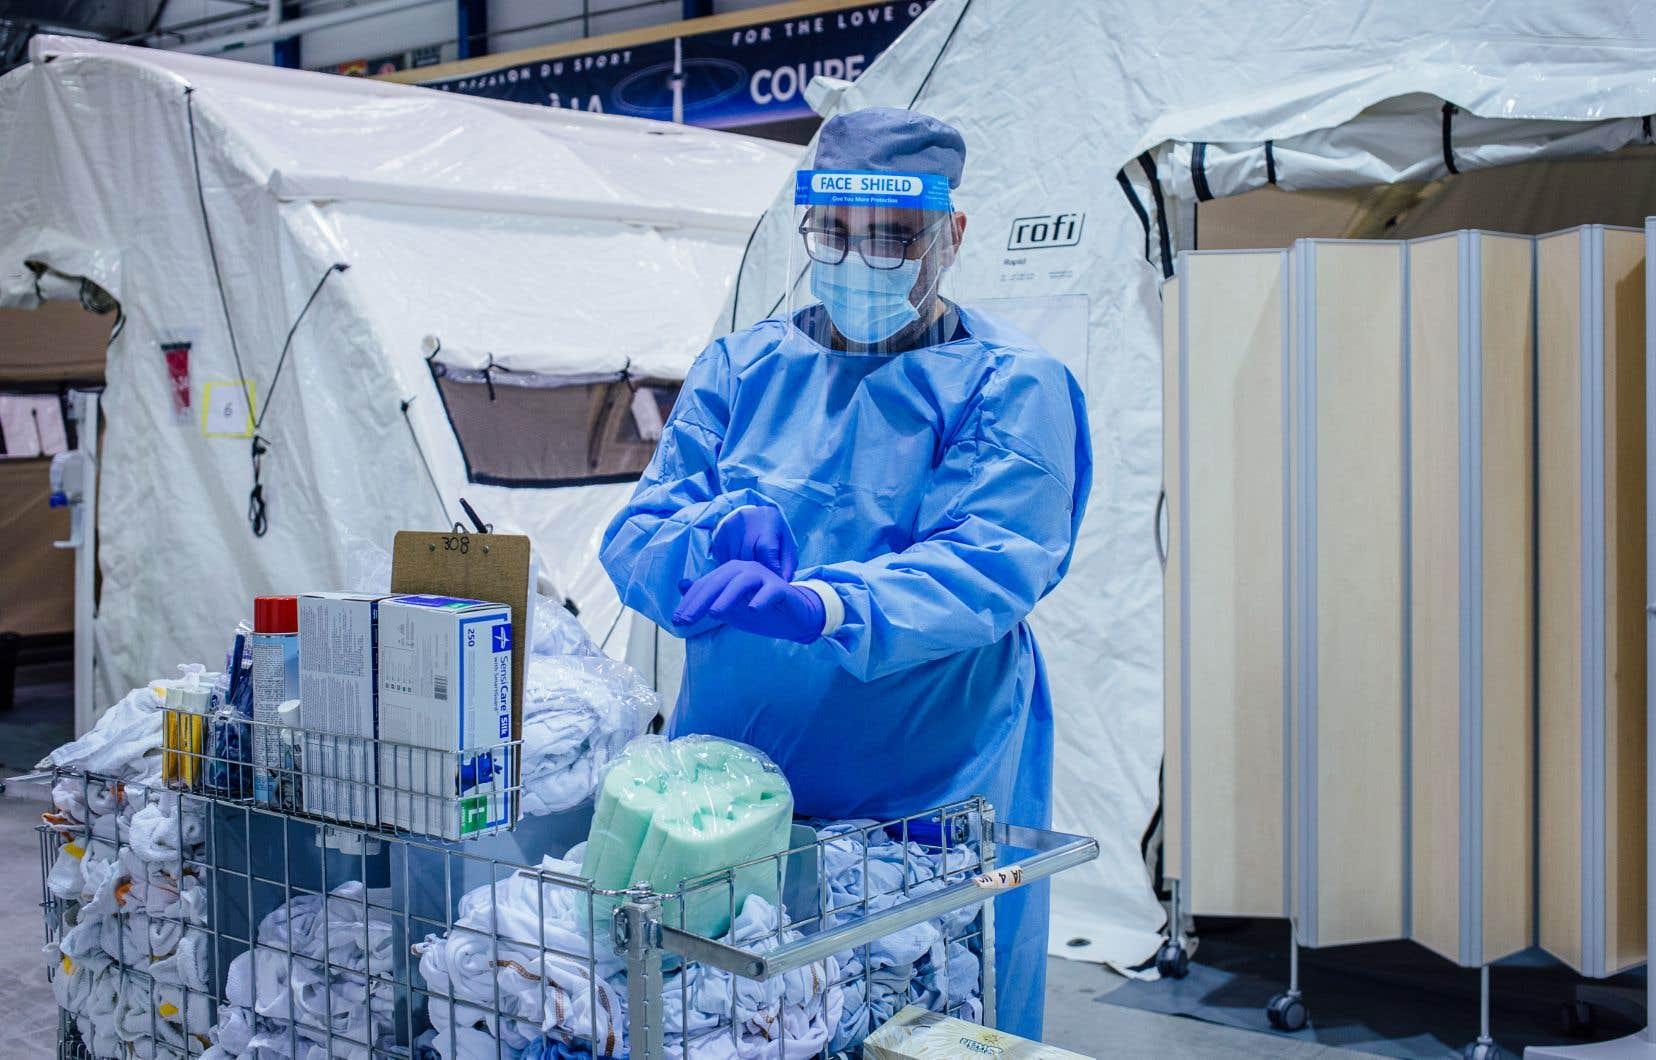 Un membre du personnel soignant enfile des gants pour traiter des patients à l'hôpital de campagne installé dans l'aréna Jacques-Lemaire de LaSalle au printemps.